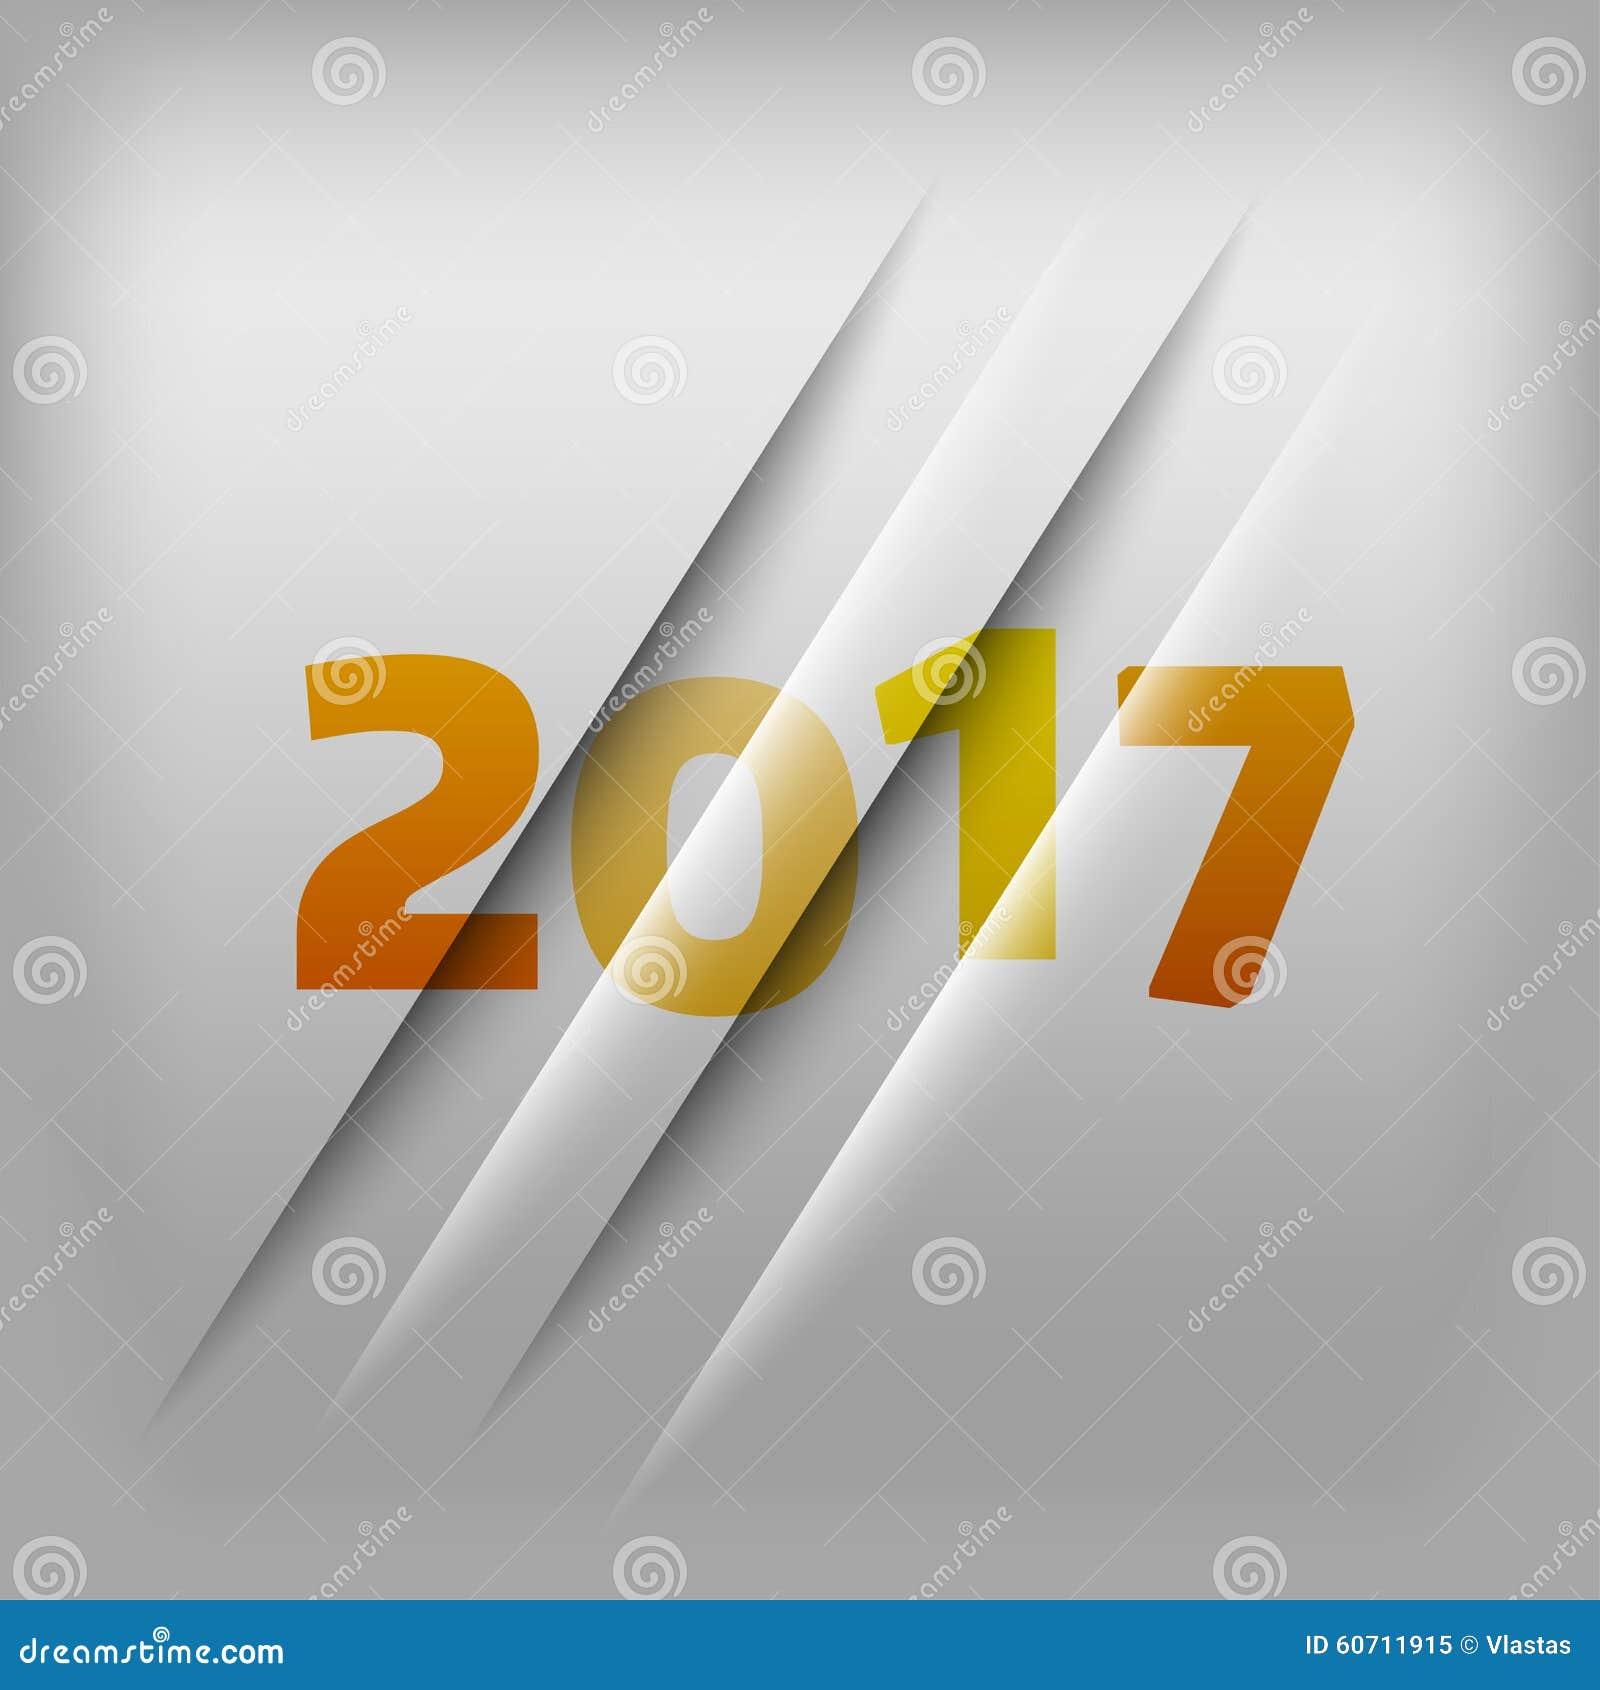 Background image 2017 - 2017 Background